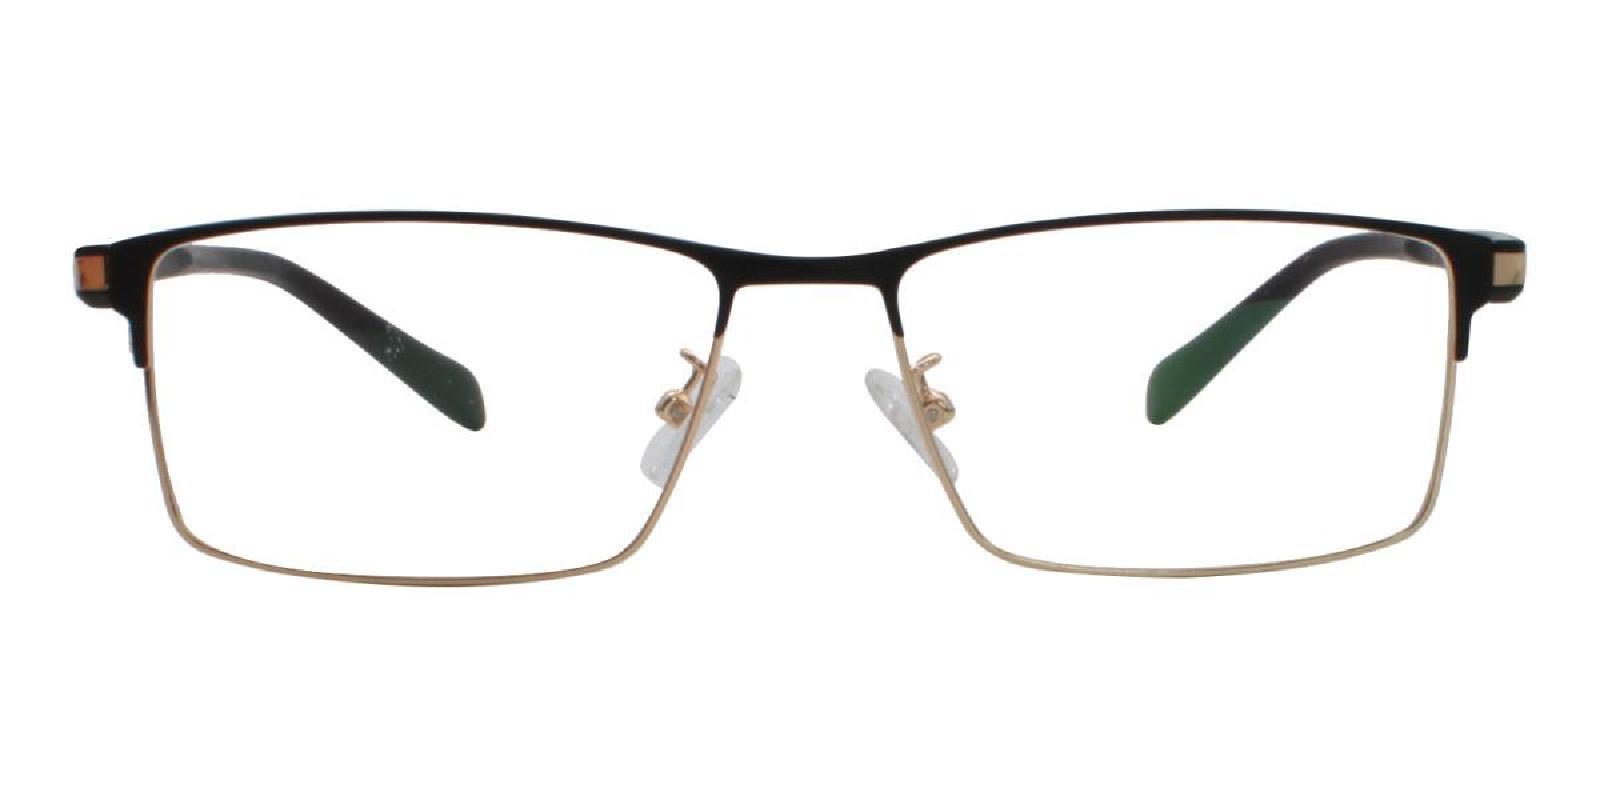 Frade-Gold-Rectangle-Metal-Eyeglasses-additional2